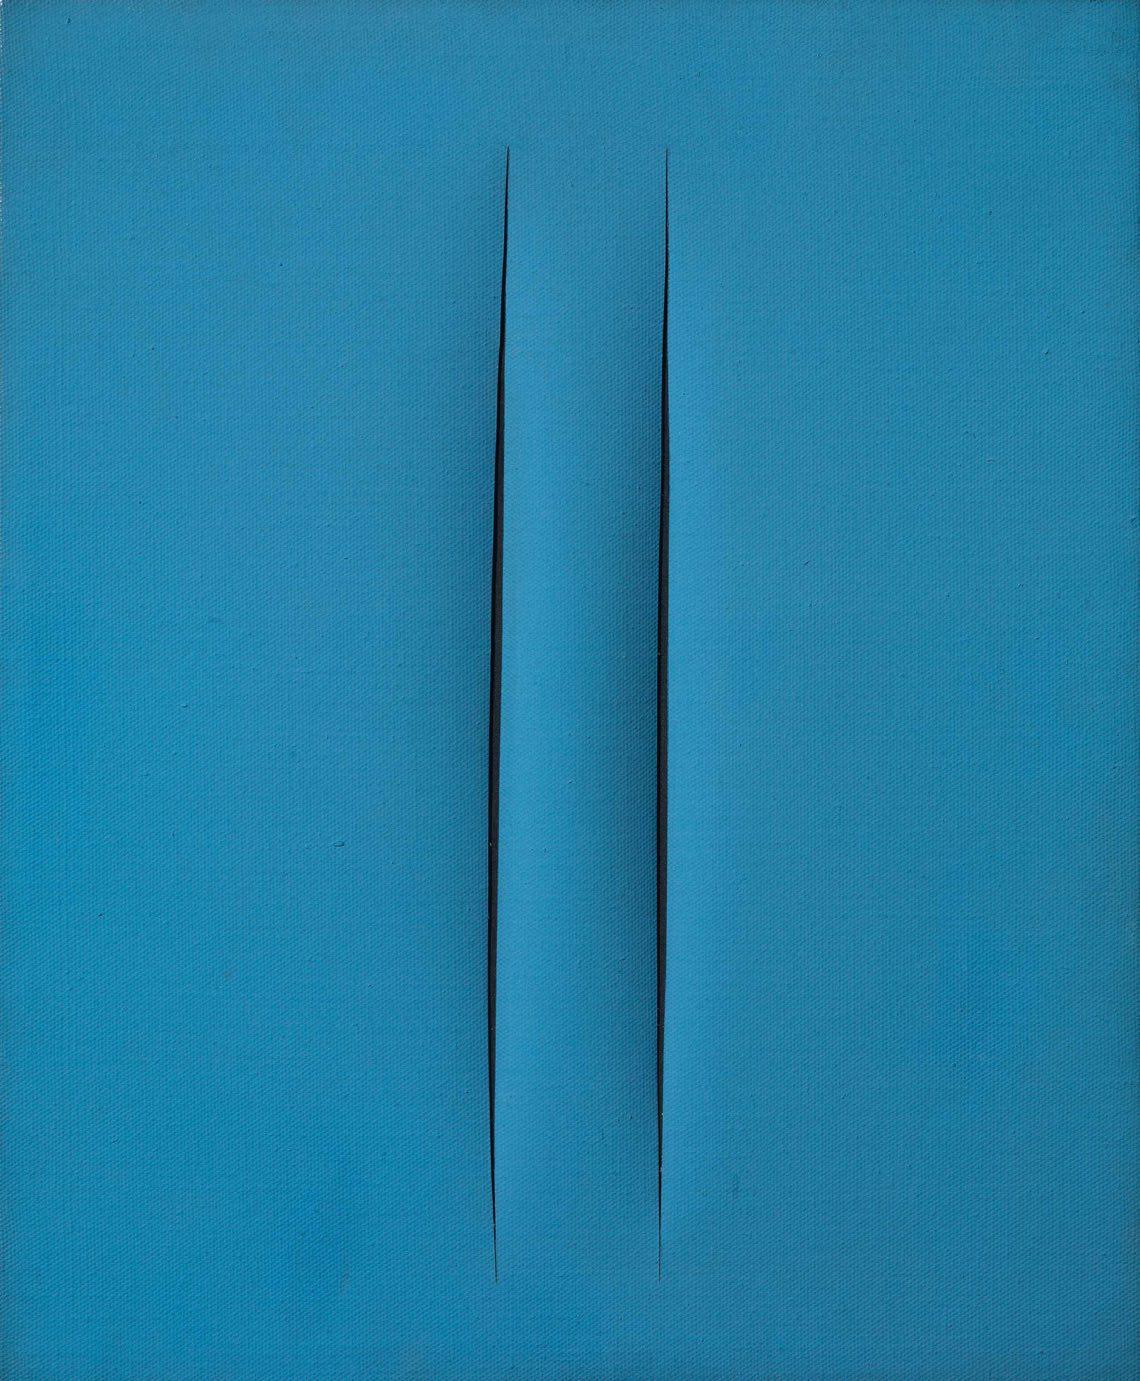 Lucio-Fontana,-Concetto-spaziale,-Attese,-1966,-idropittura-su-tela,-blu,-cm-61x50 (1).jpg